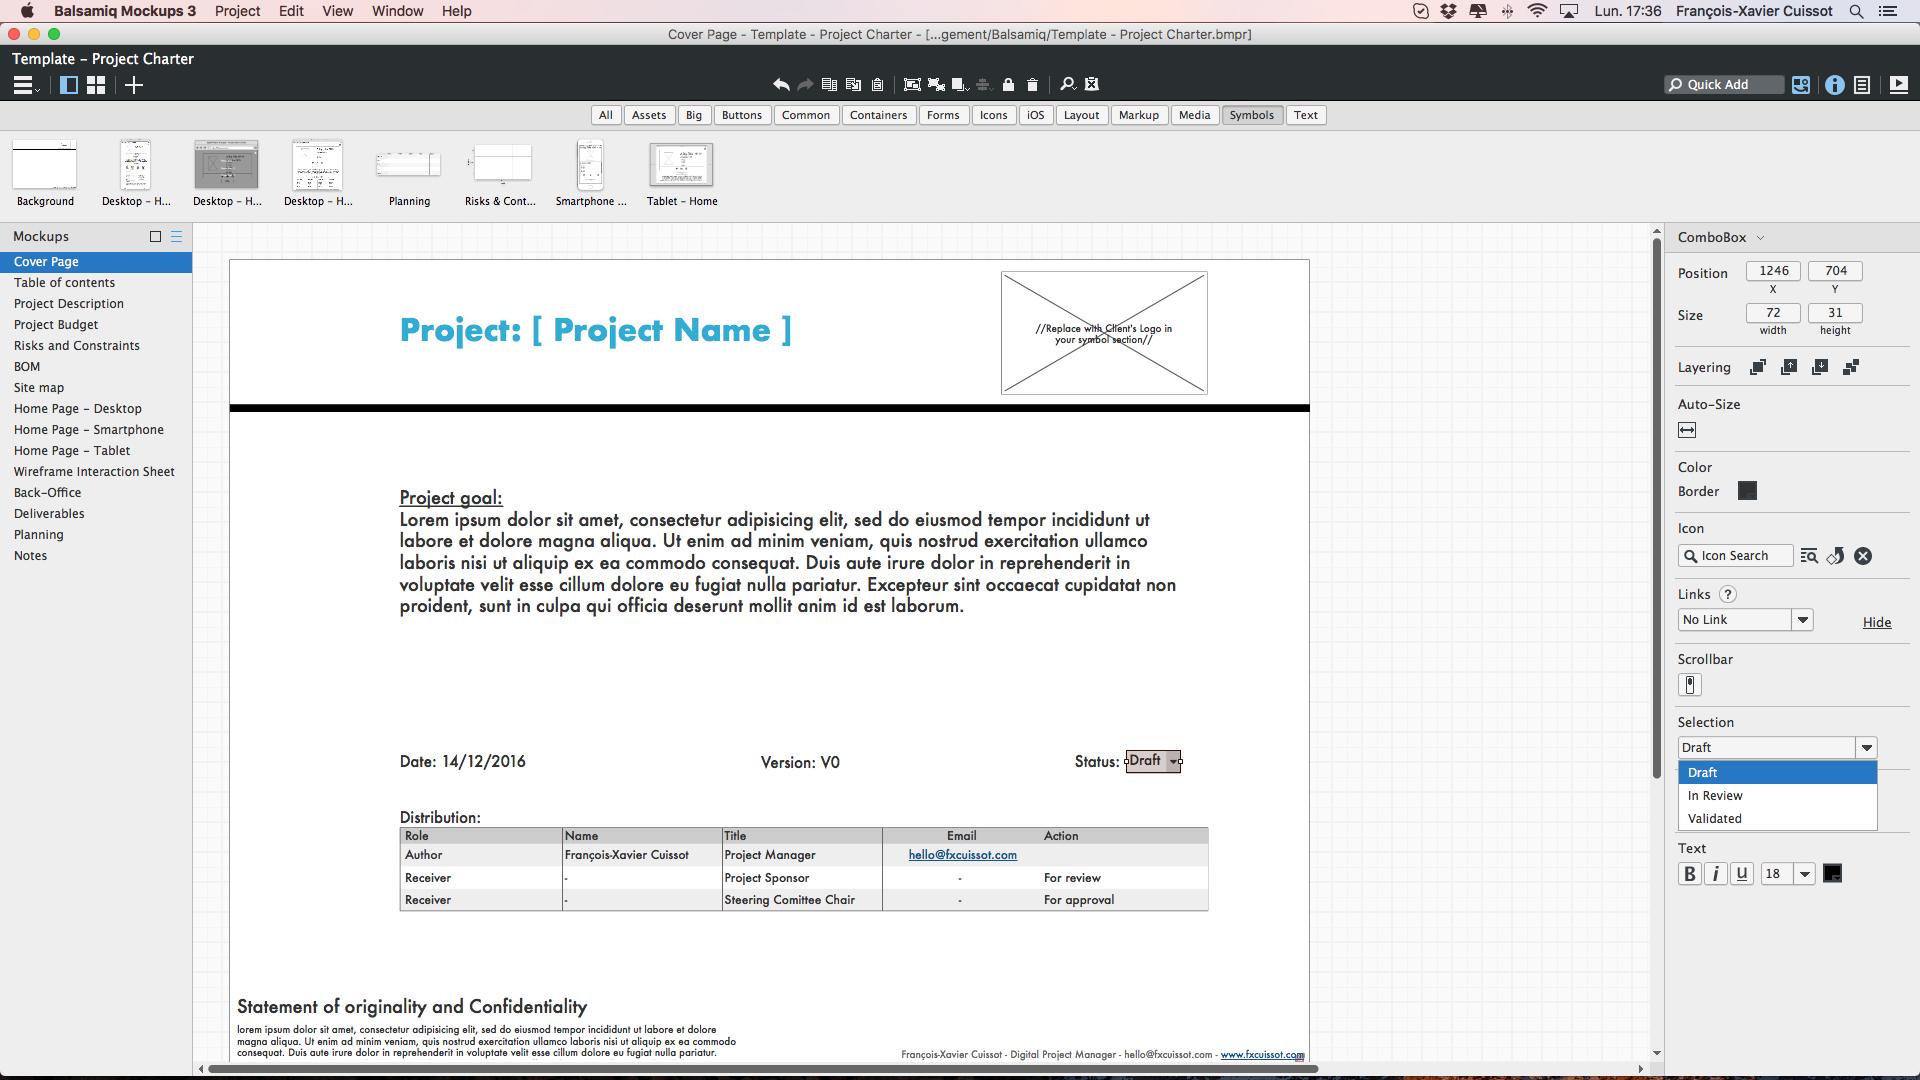 Project Charter Balsamiq 3